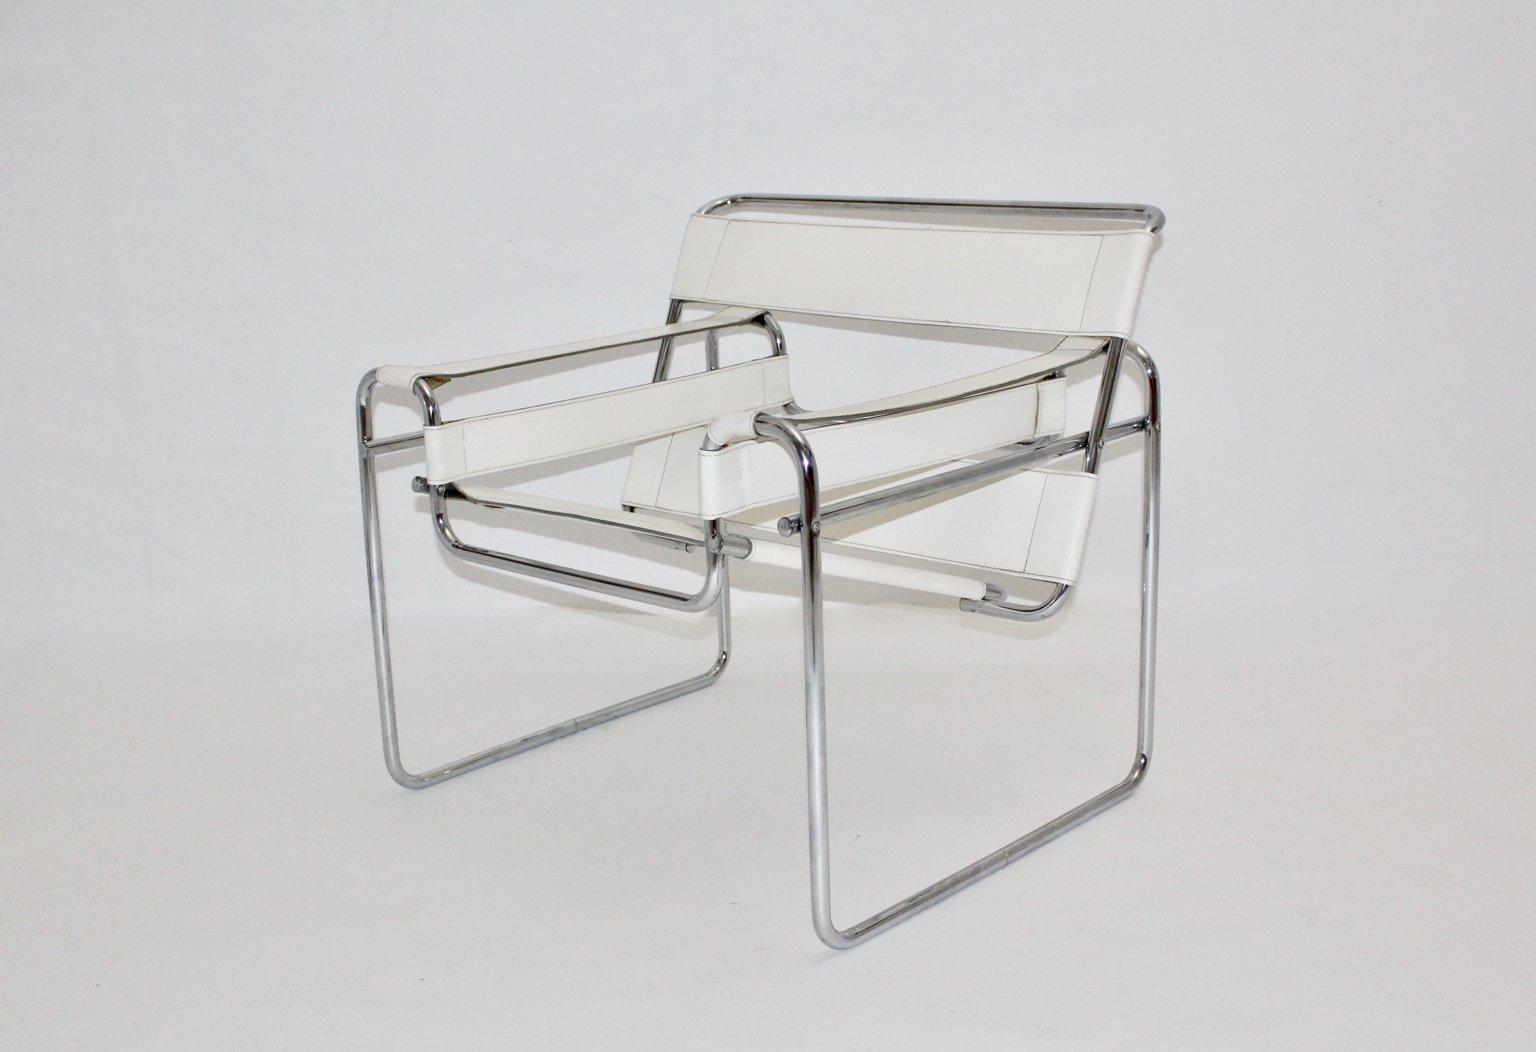 chaise wassily blanche vintage par marcel breuer en vente sur pamono. Black Bedroom Furniture Sets. Home Design Ideas